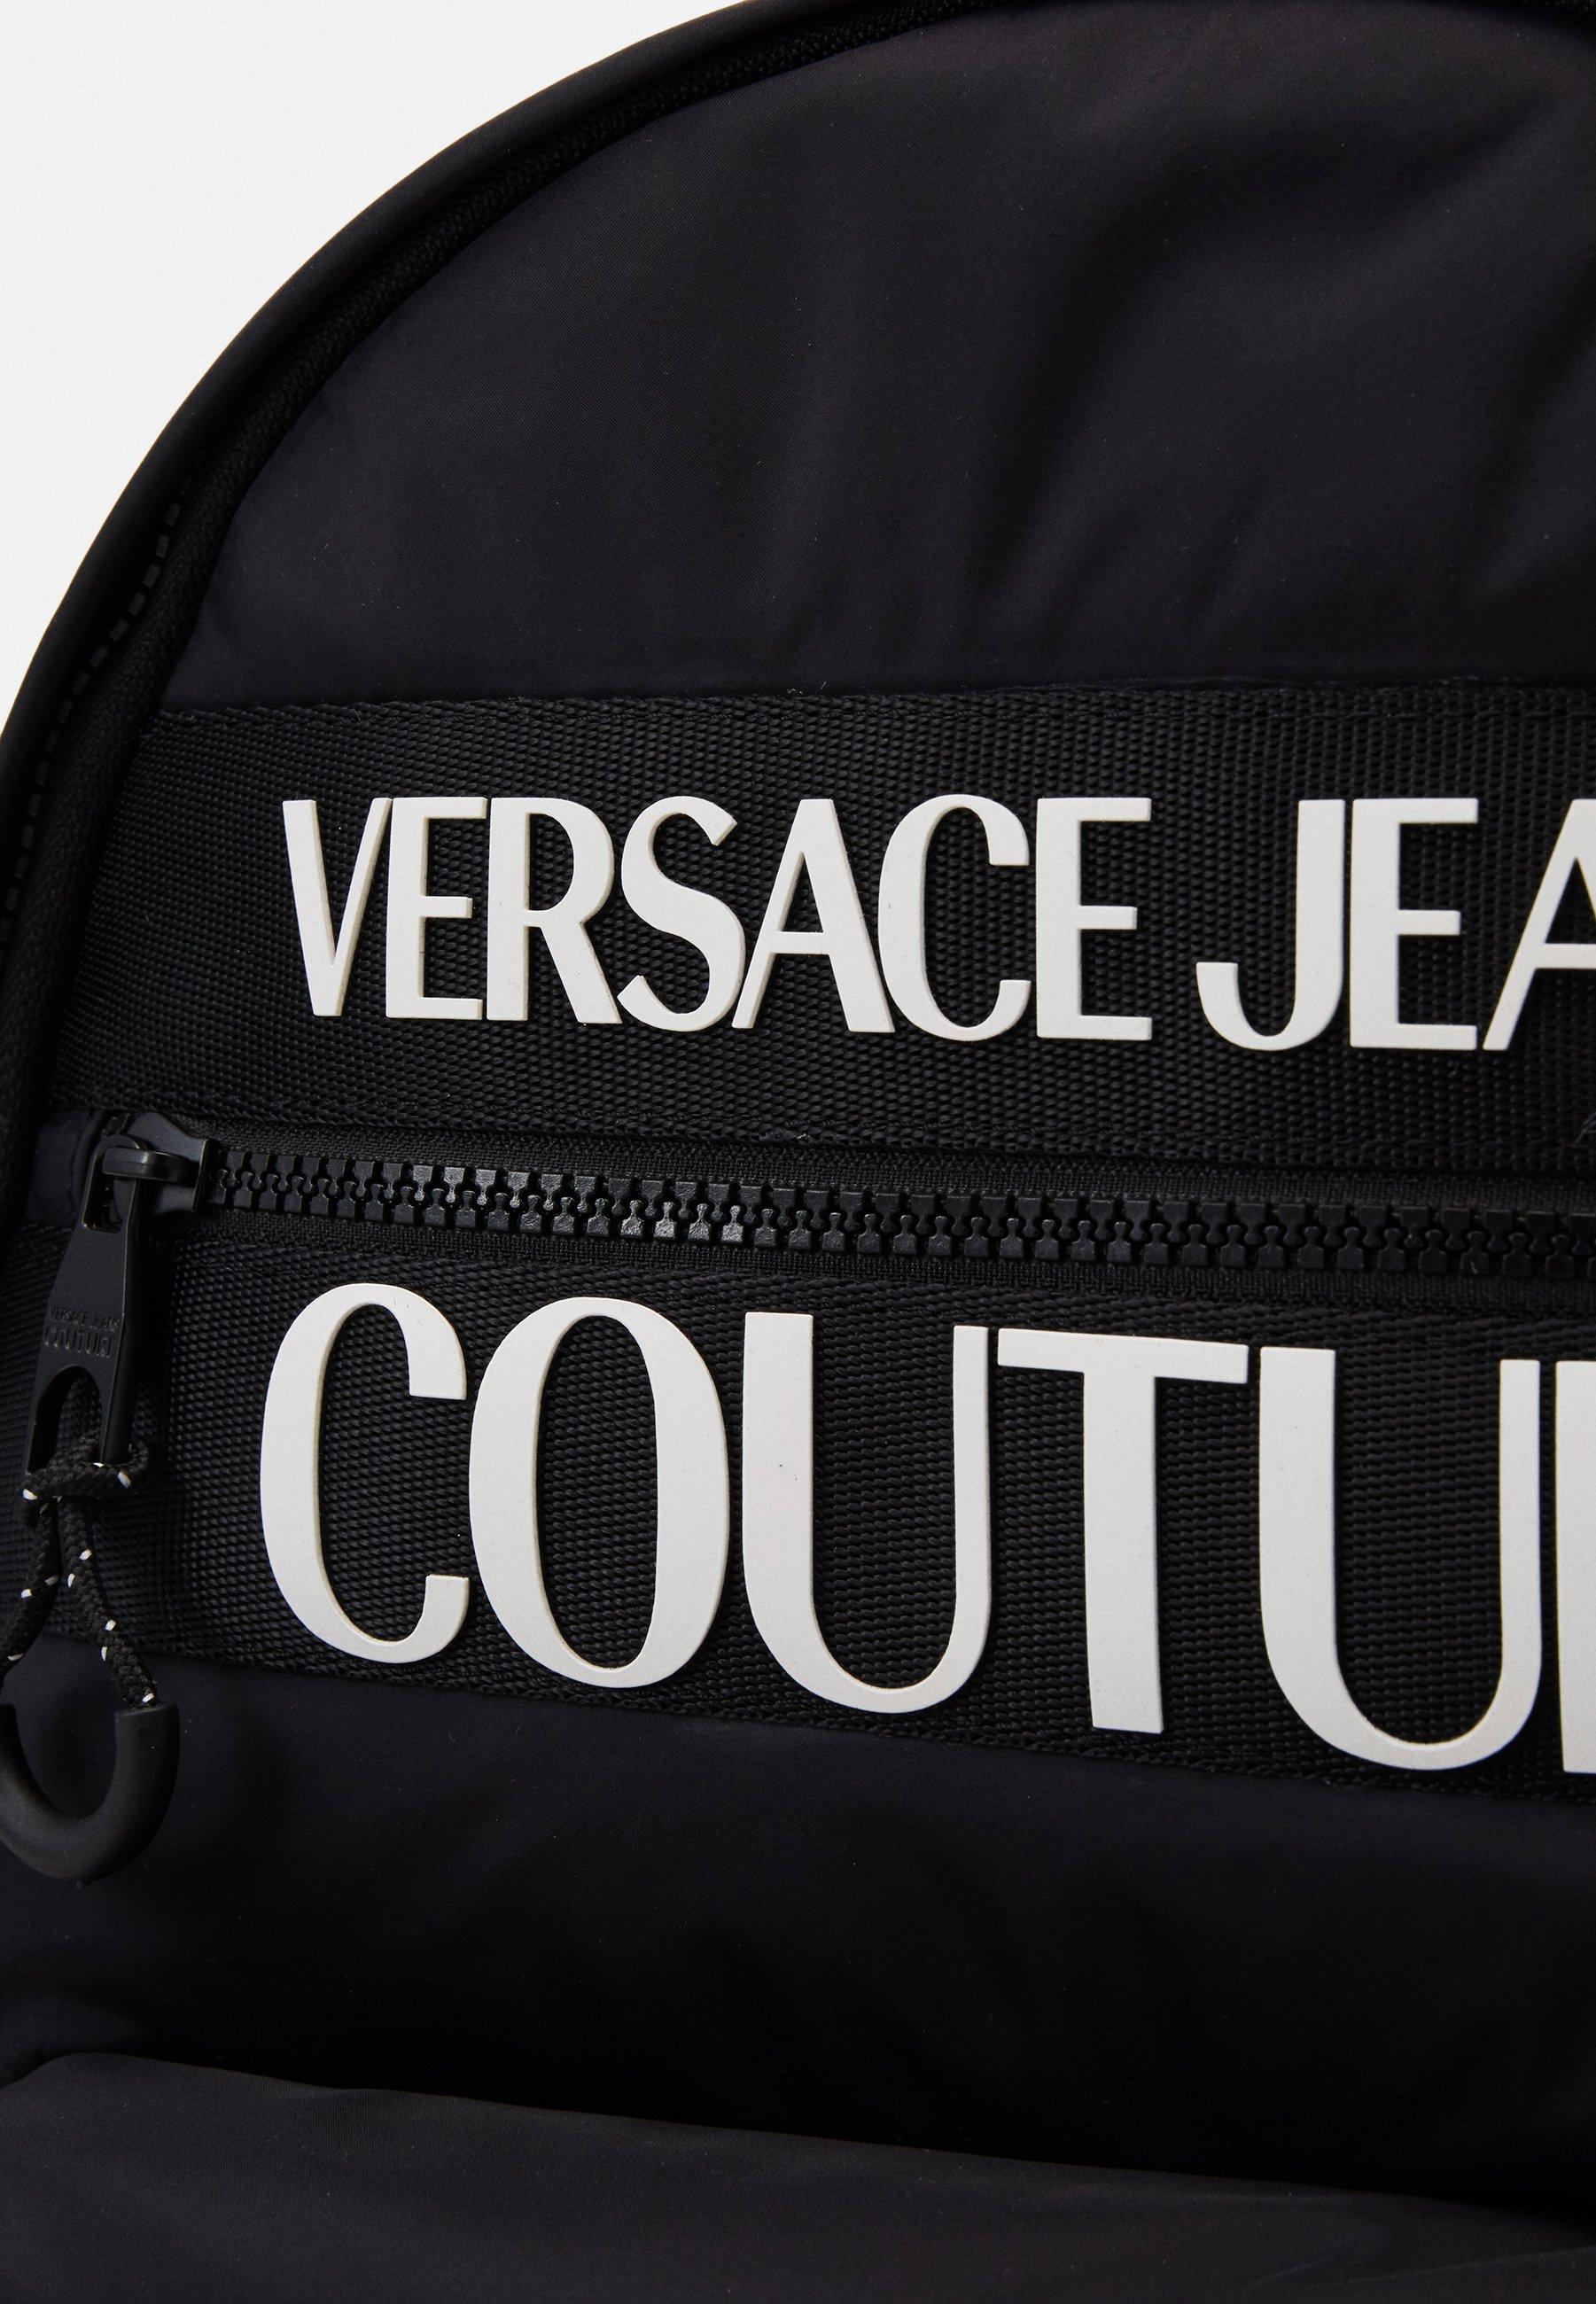 Versace Jeans Couture Ryggsekk - nero/svart QkrqDhEhuM4Kae1